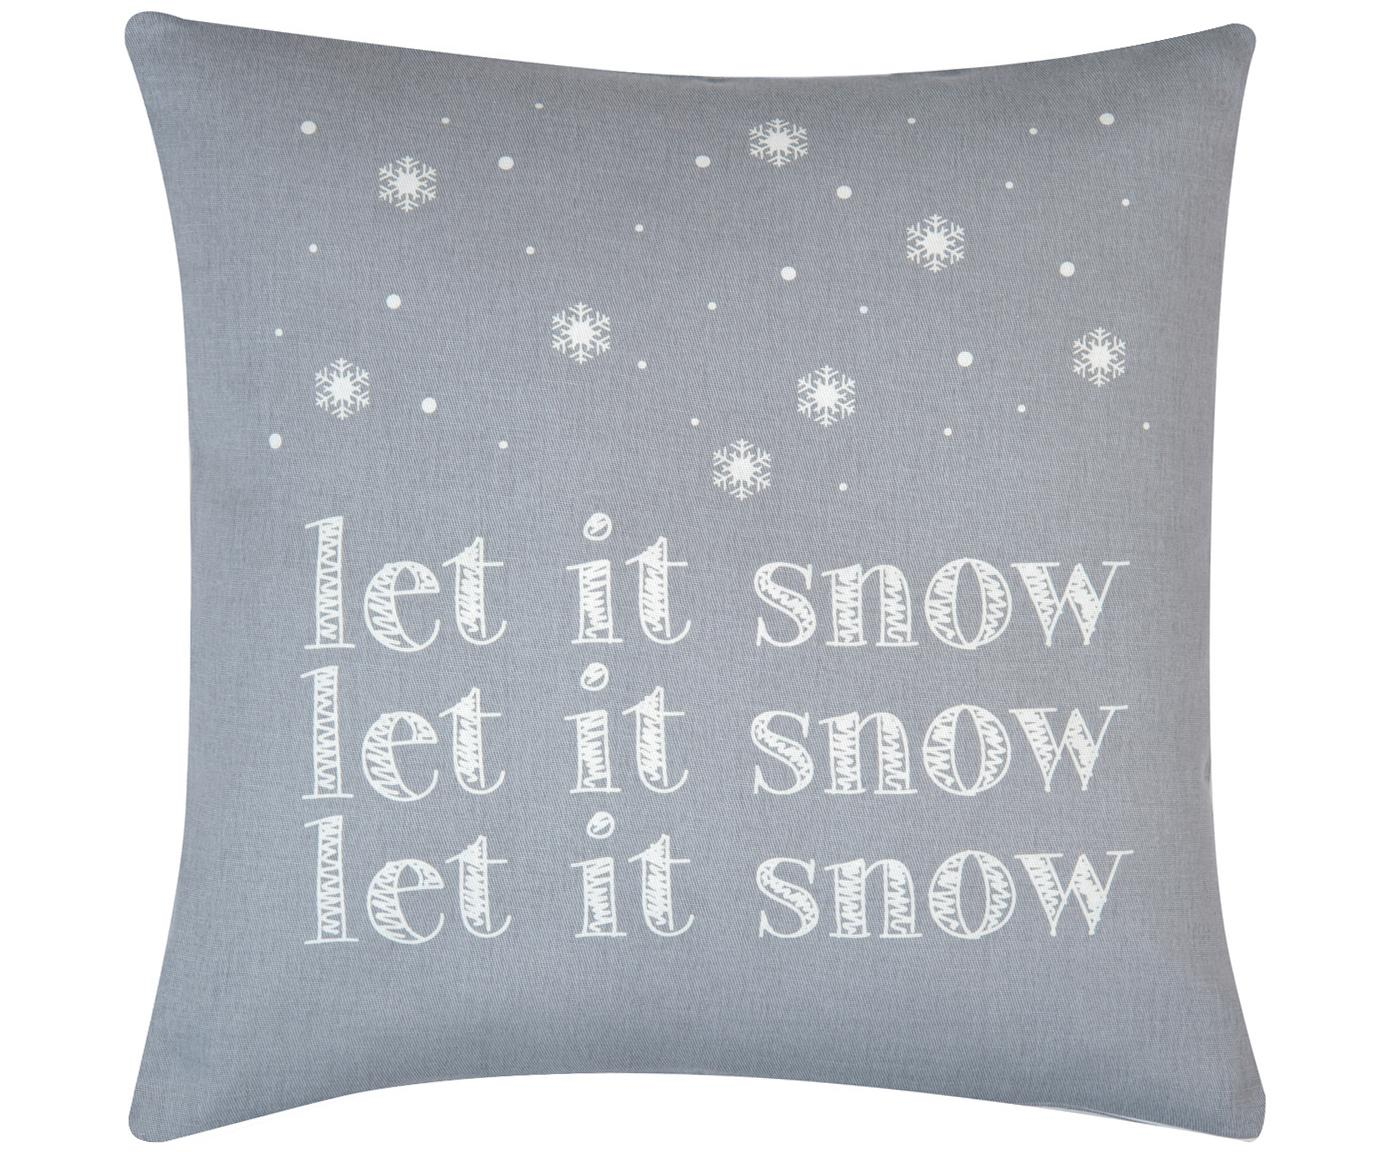 Kussenhoes Snow, 100% katoen, panamabinding, Grijs, ecru, 40 x 40 cm